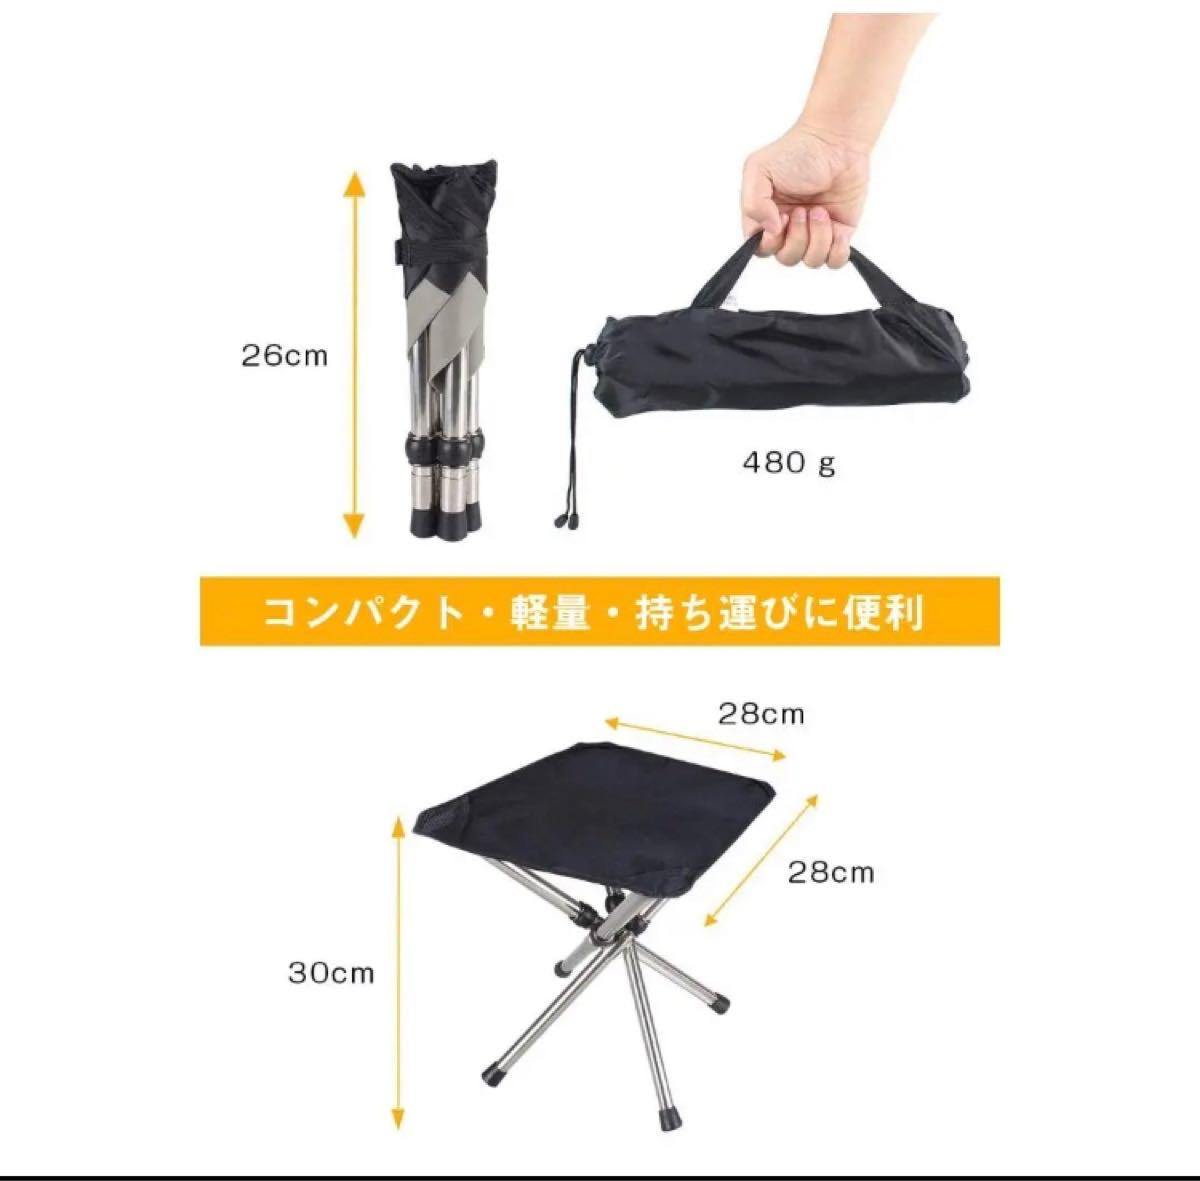 アウトドア チェア 椅子 折りたたみチェア コンパクトチェア 軽量 黒 コヨーテ